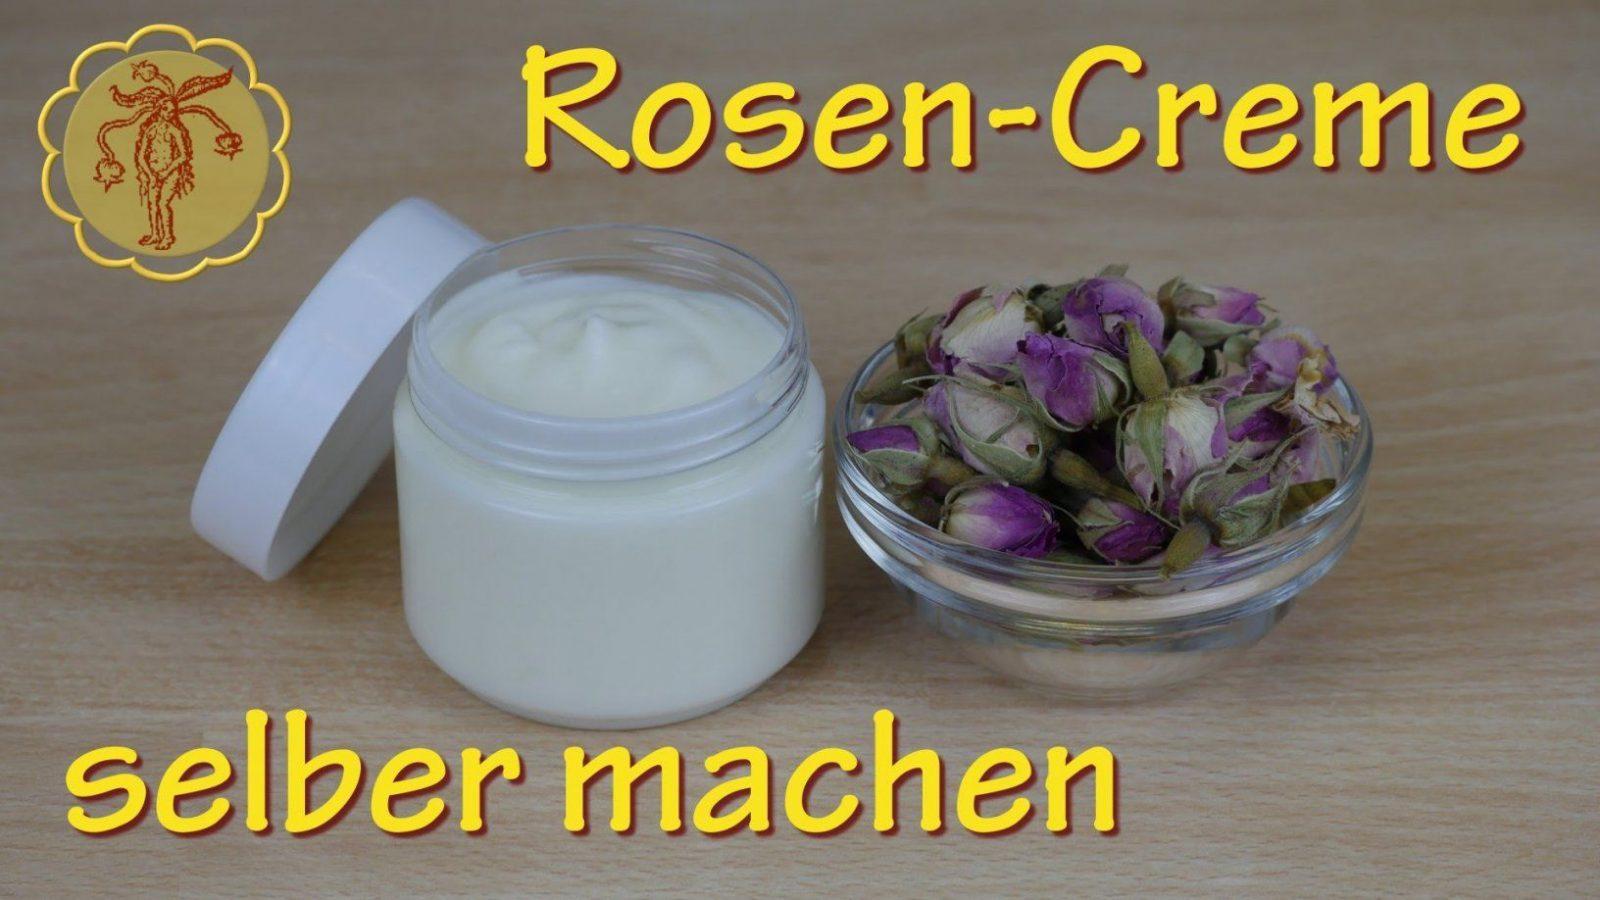 Rosencreme Selber Machen  Für Normale Und Trockene Haut 2  Youtube von Lavendel Creme Selber Machen Bild